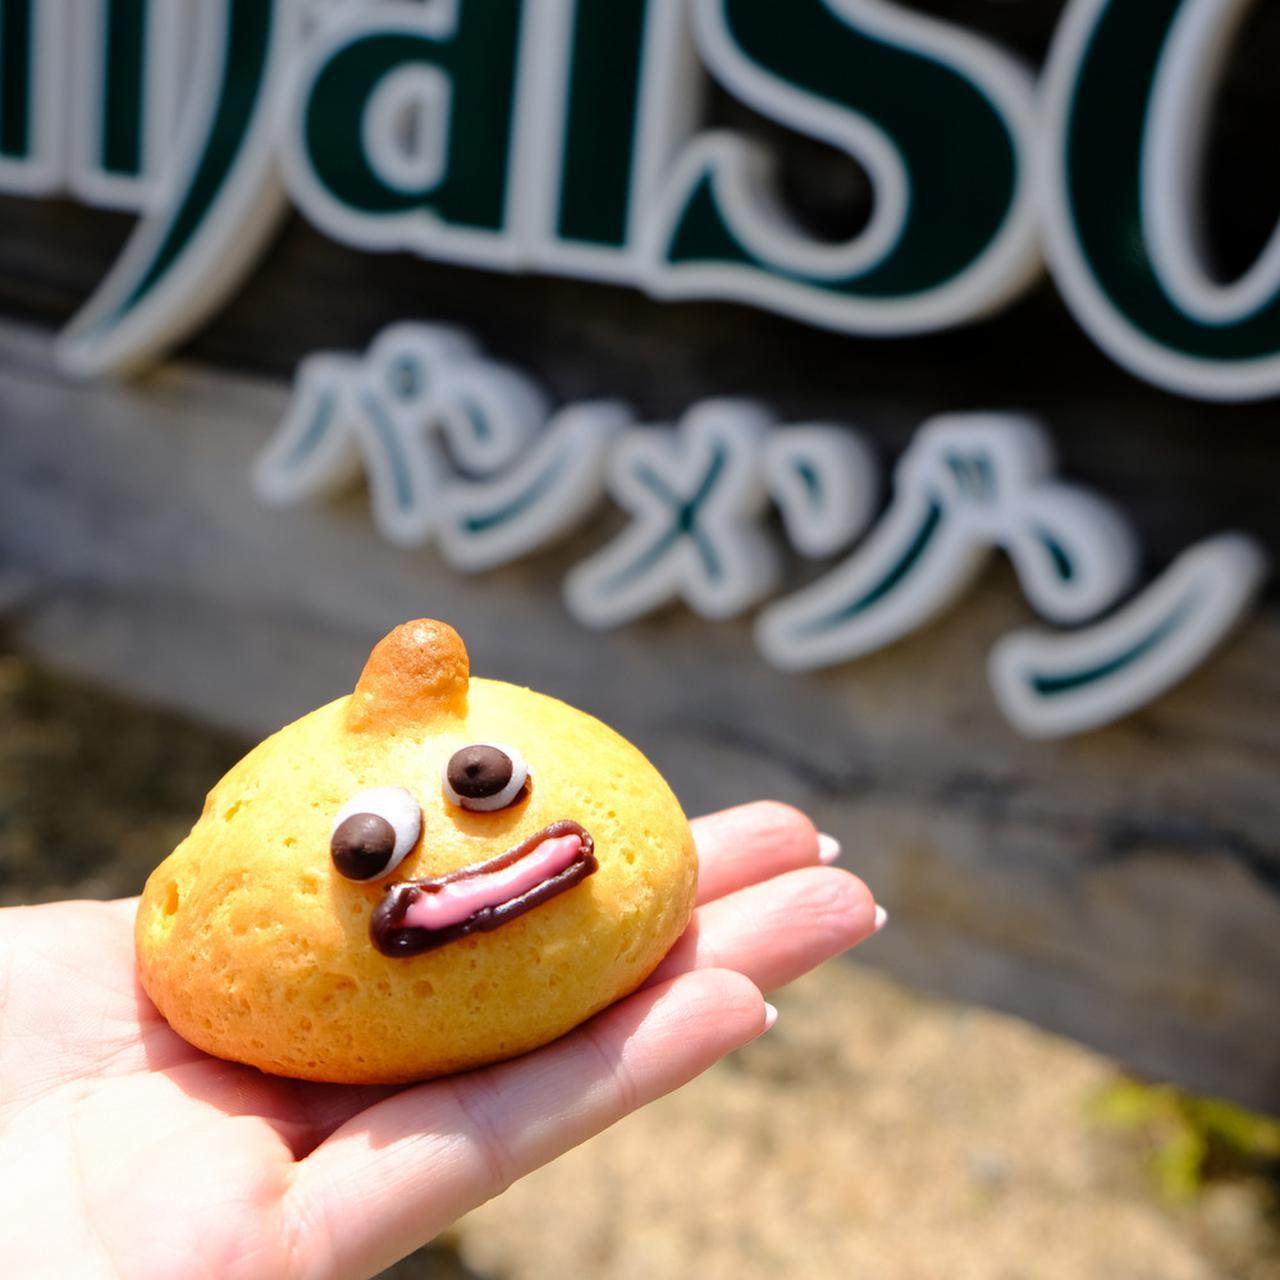 画像: 普通のパン屋さんなのでもちろん他にも色んなパンがあります。この日はこのスライムを連れて帰りました。手のひらに乗るくらいの小さなたまごパン。